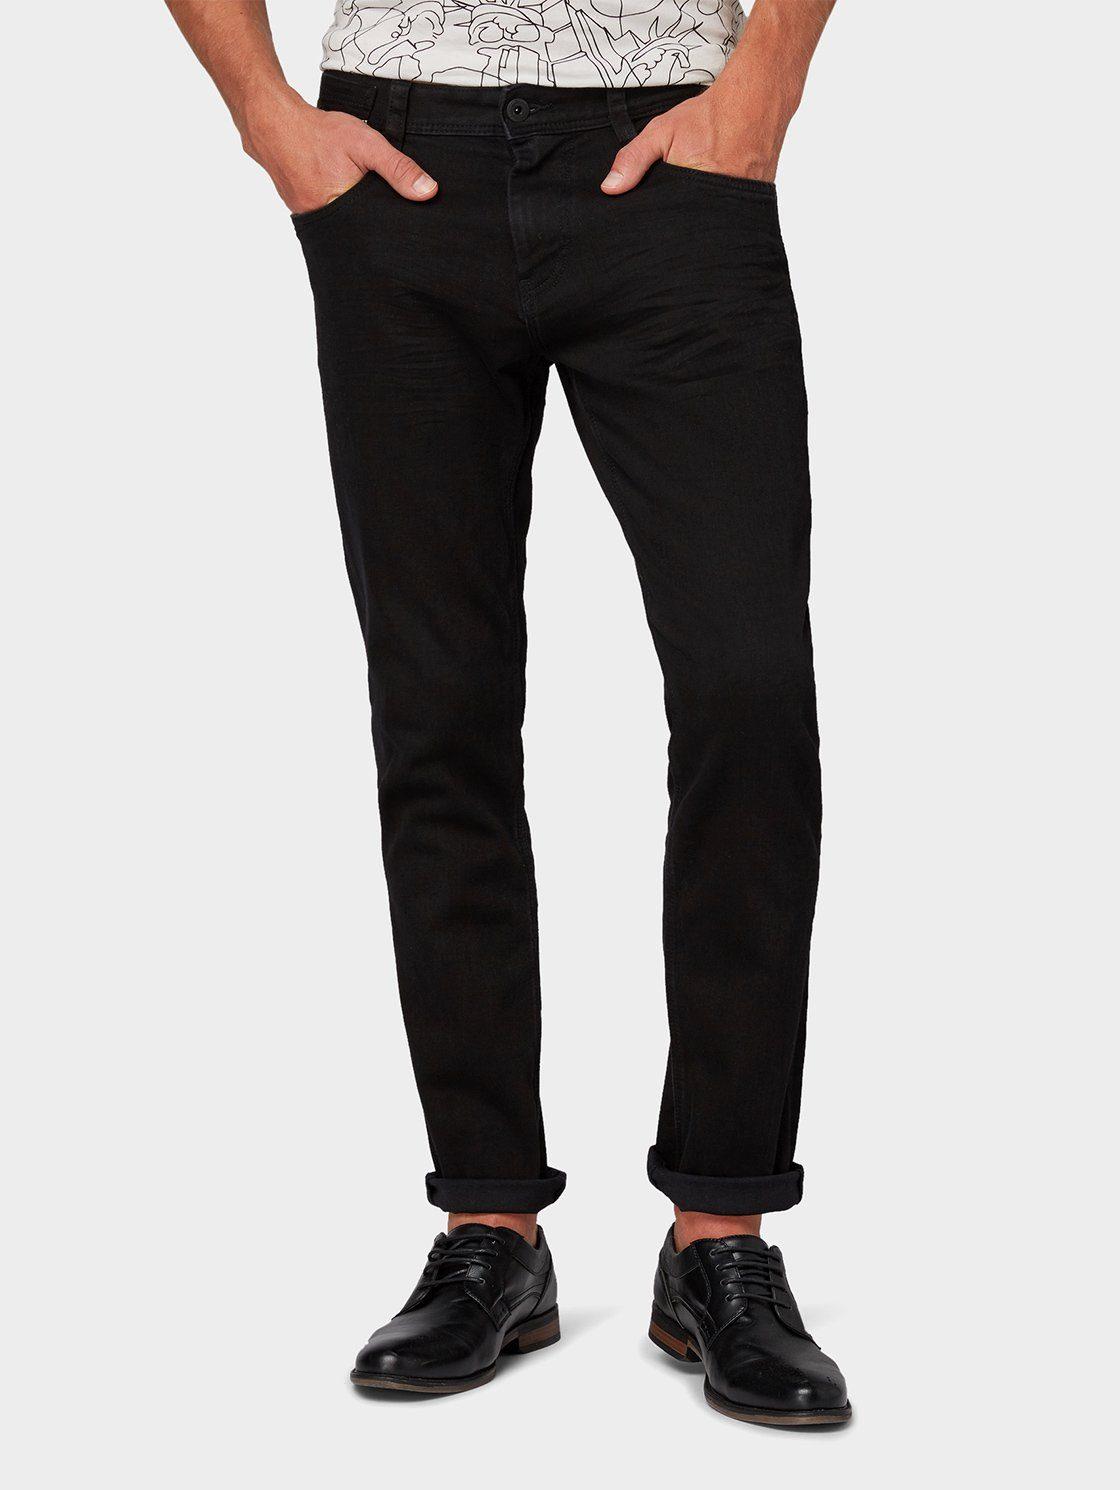 TOM TAILOR Slim fit Jeans »Josh Regular Slim Jeans«, Aus Denim mit Stretch Anteil online kaufen | OTTO